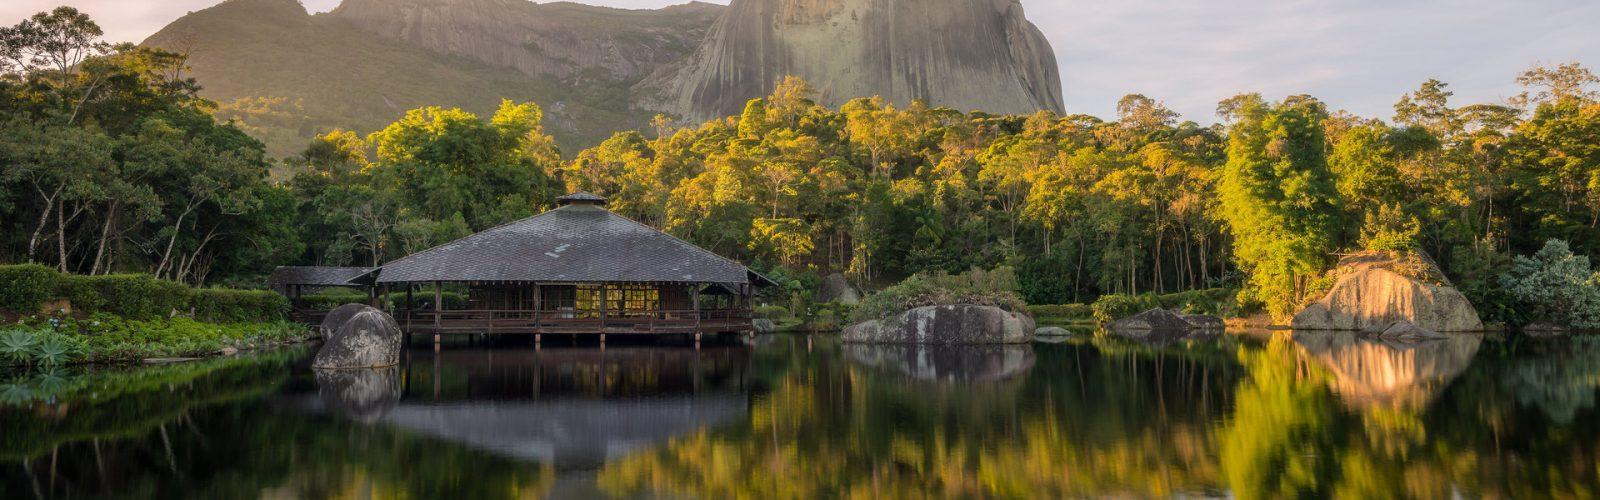 Lugares para conhecer no Brasil